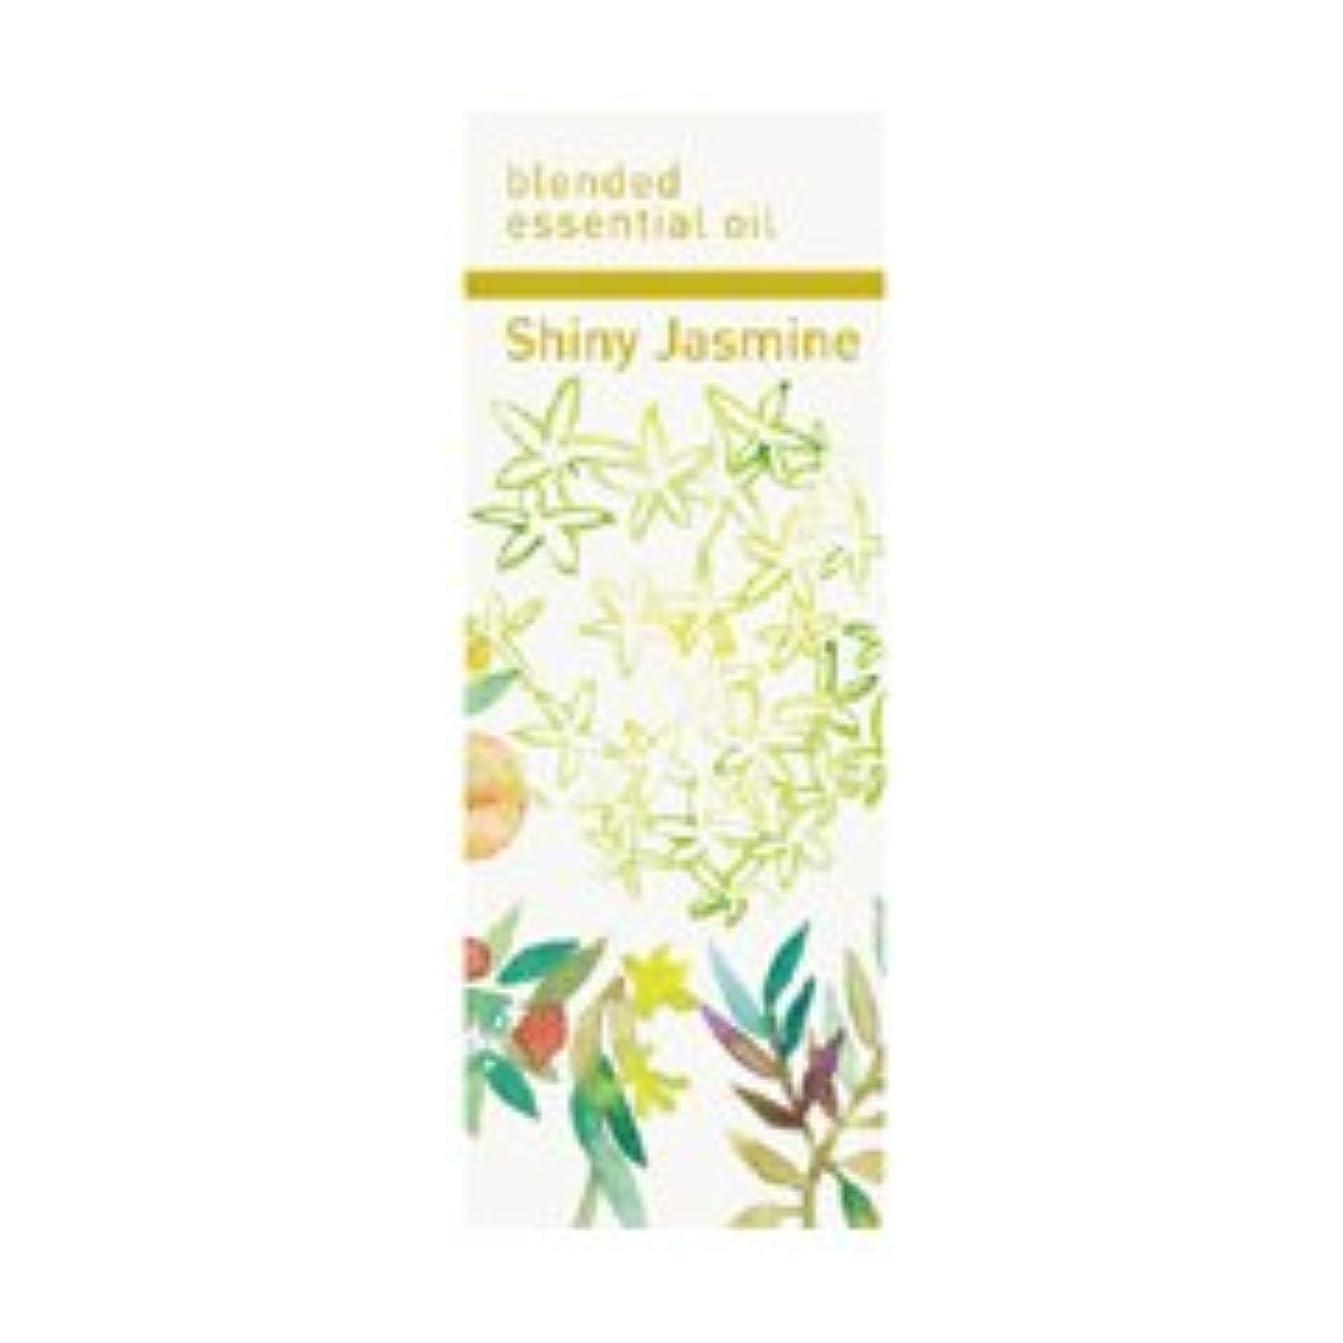 快適びっくり比率生活の木 ブレンドエッセンシャルオイル シャイニージャスミン [30ml] エッセンシャルオイル/精油